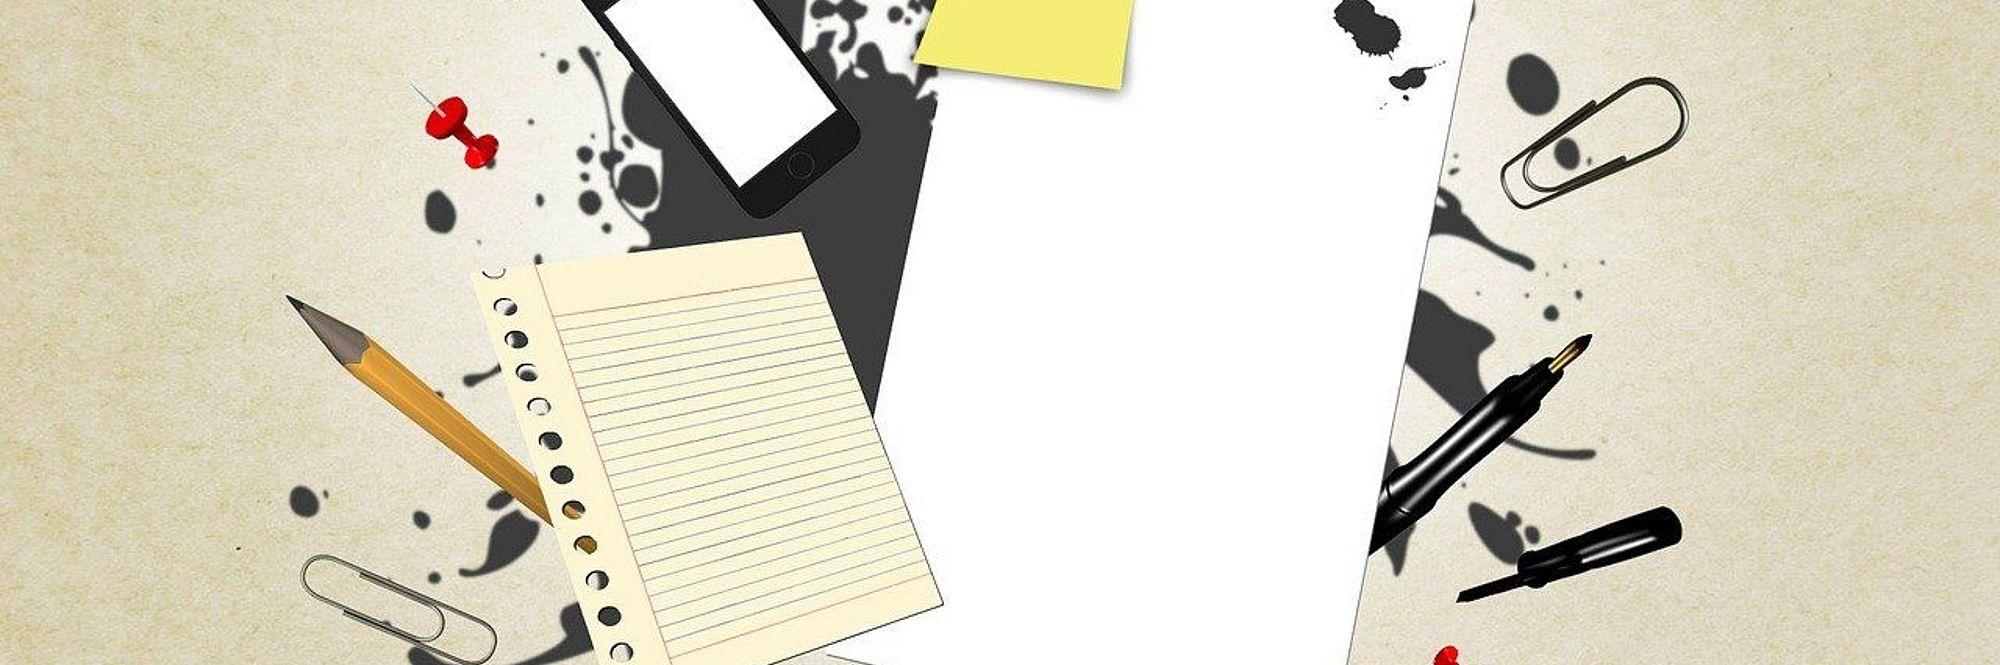 immagini di foglio cellulare penna